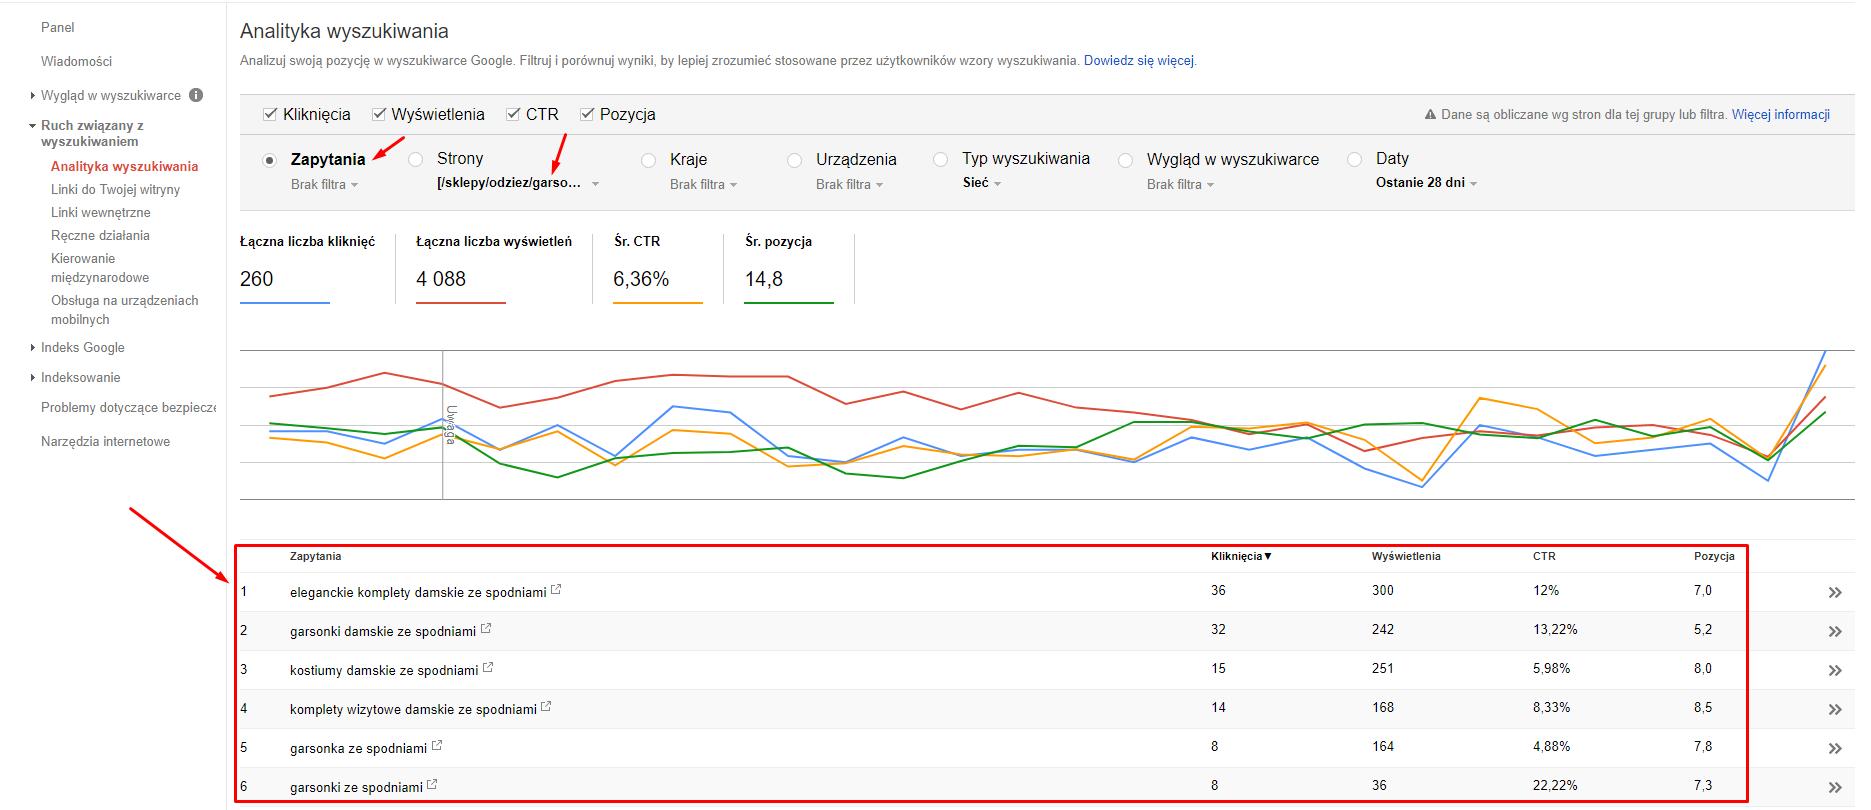 Możliwości Search Console w E-commerce rys. 2.